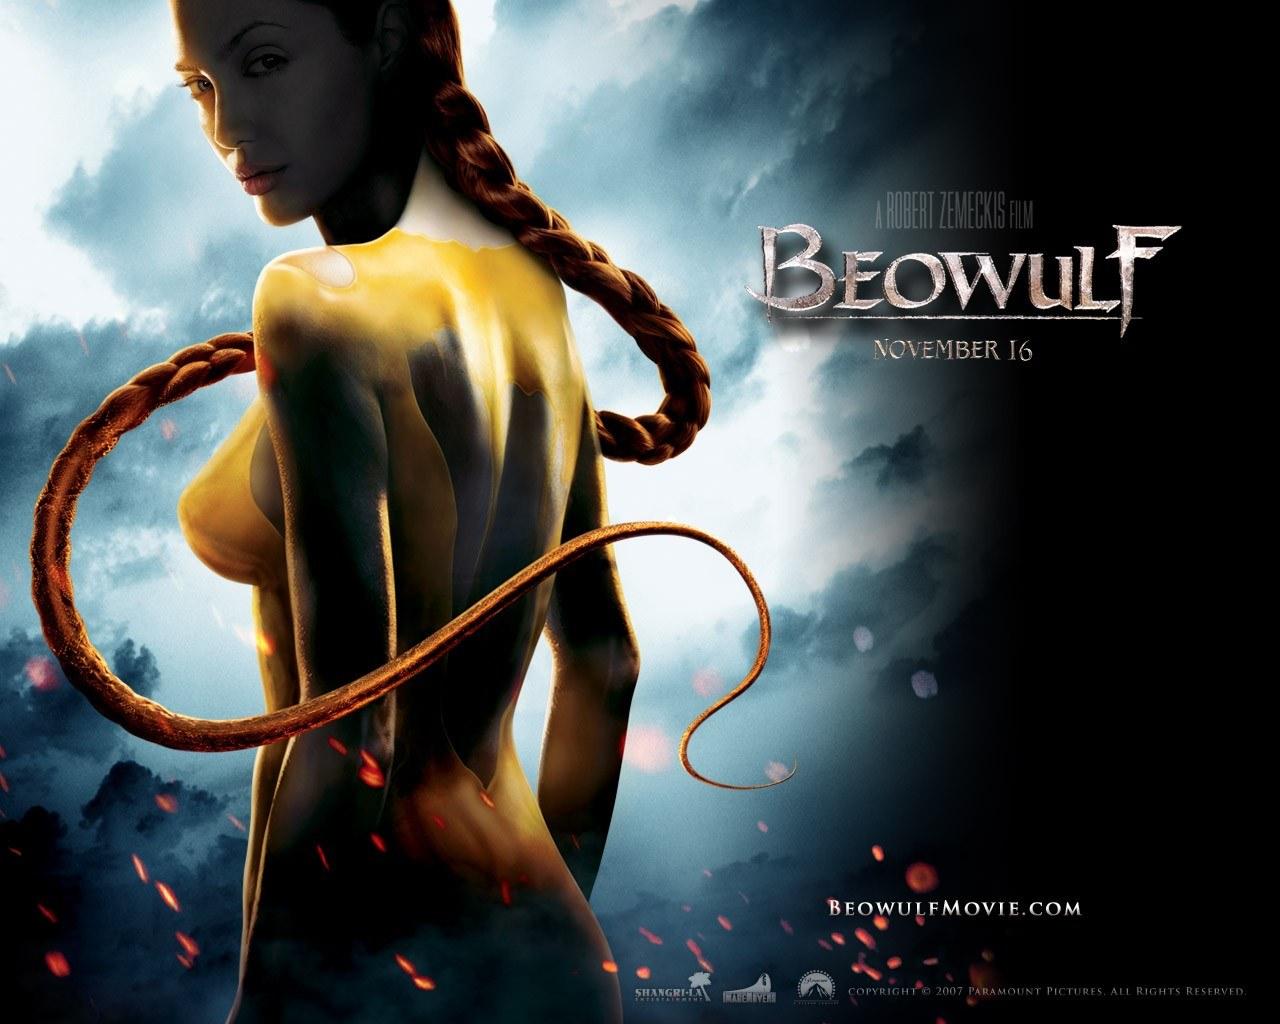 literary analysis essay beowulf pdfeports178 web fc2 com literary analysis essay beowulf